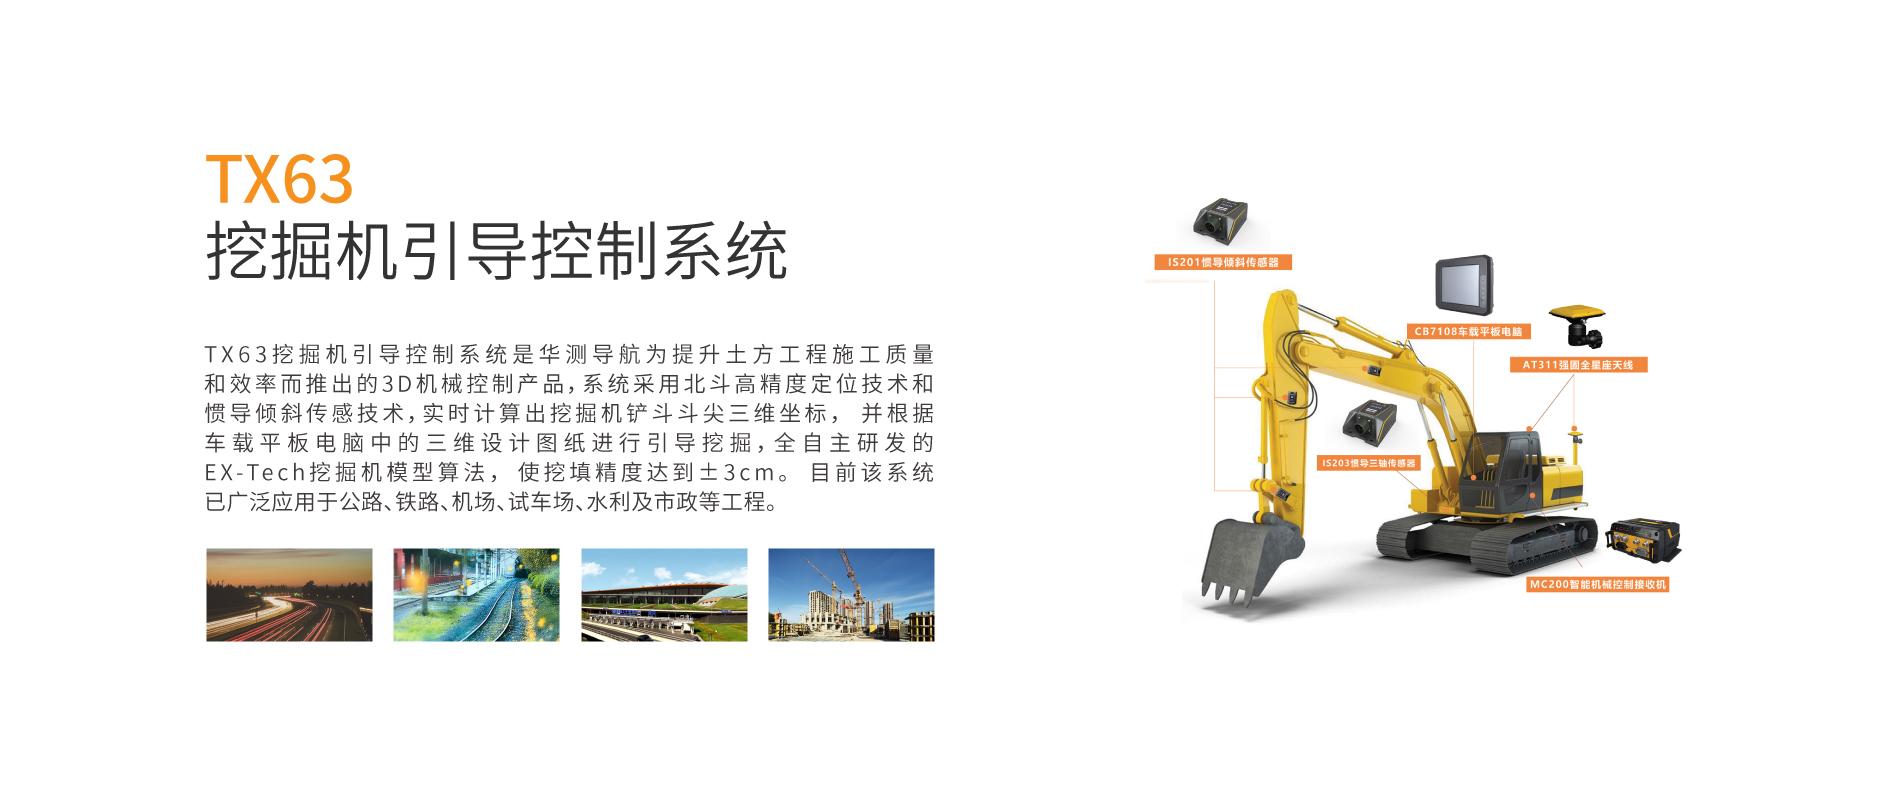 華測導航_北鬥TX63挖掘機 無樁化施工引導系統,高挖填精度,LED光靶,讓作業更高效_華測導航